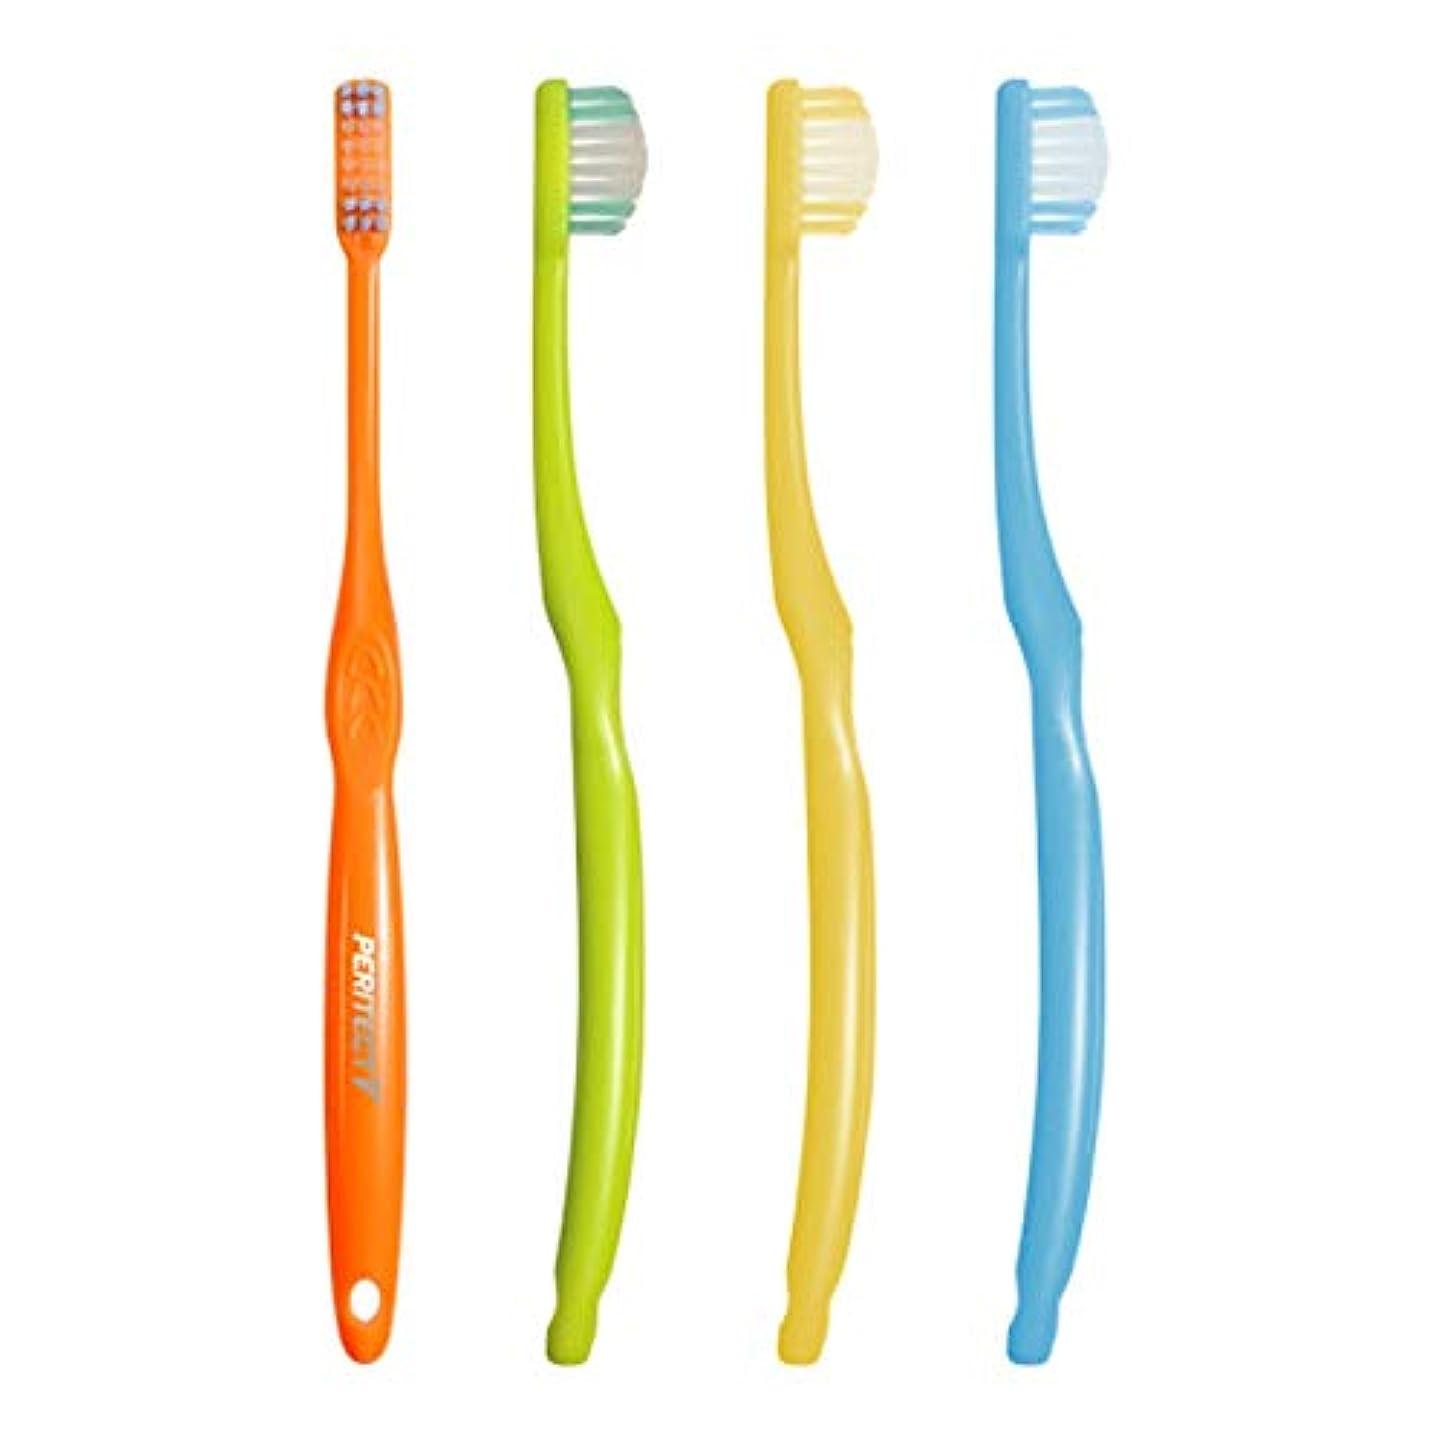 フリンジ嫌い干渉ビーブランド PERITECT V ペリテクト ブイ 歯ブラシ (8M ふつう) × 5本 歯科専売品